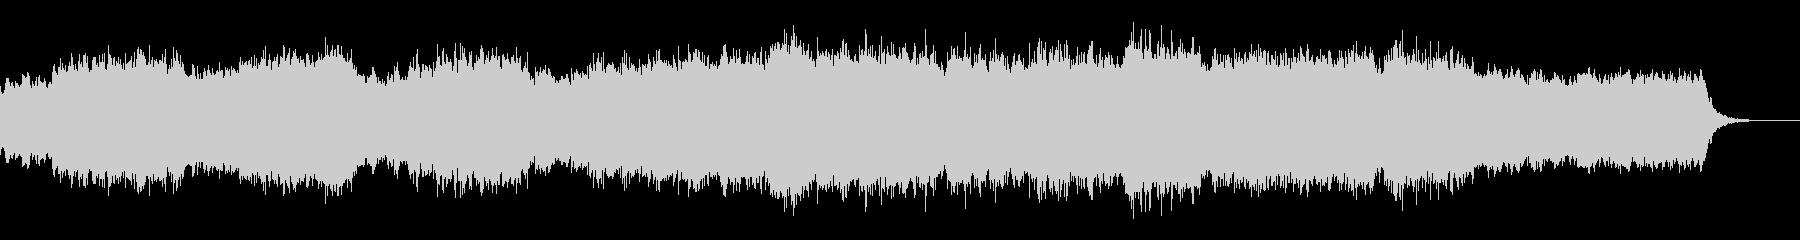 エンディングのハイブリッドオーケストラの未再生の波形